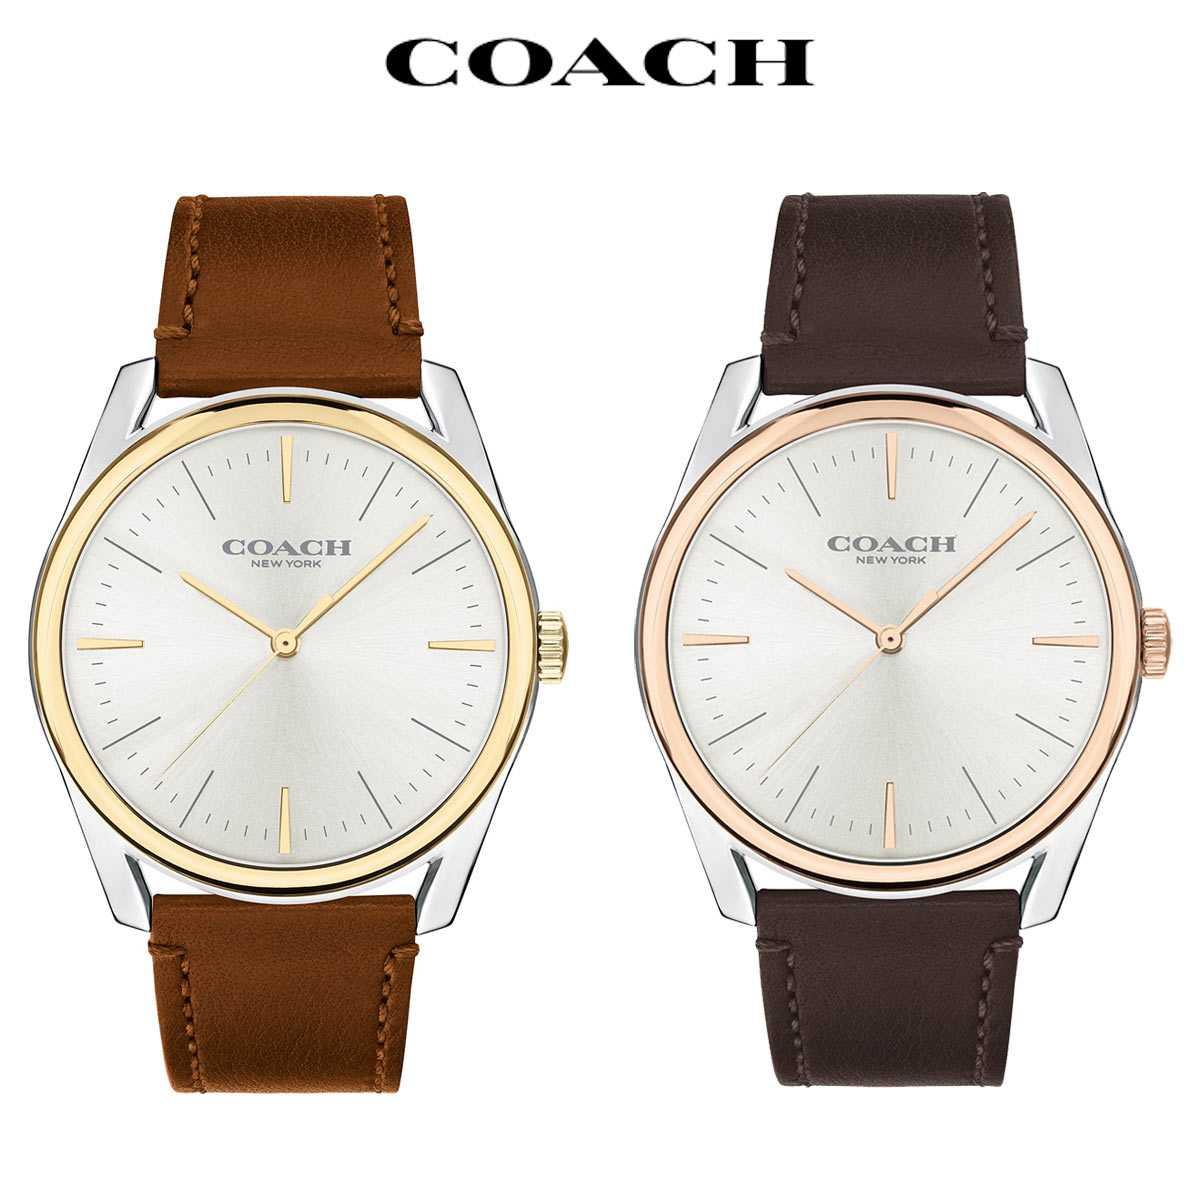 おしゃれ 防水 メンズ ブランド 時計 男性 Preston COACH コーチ プレストン 腕時計 後払い